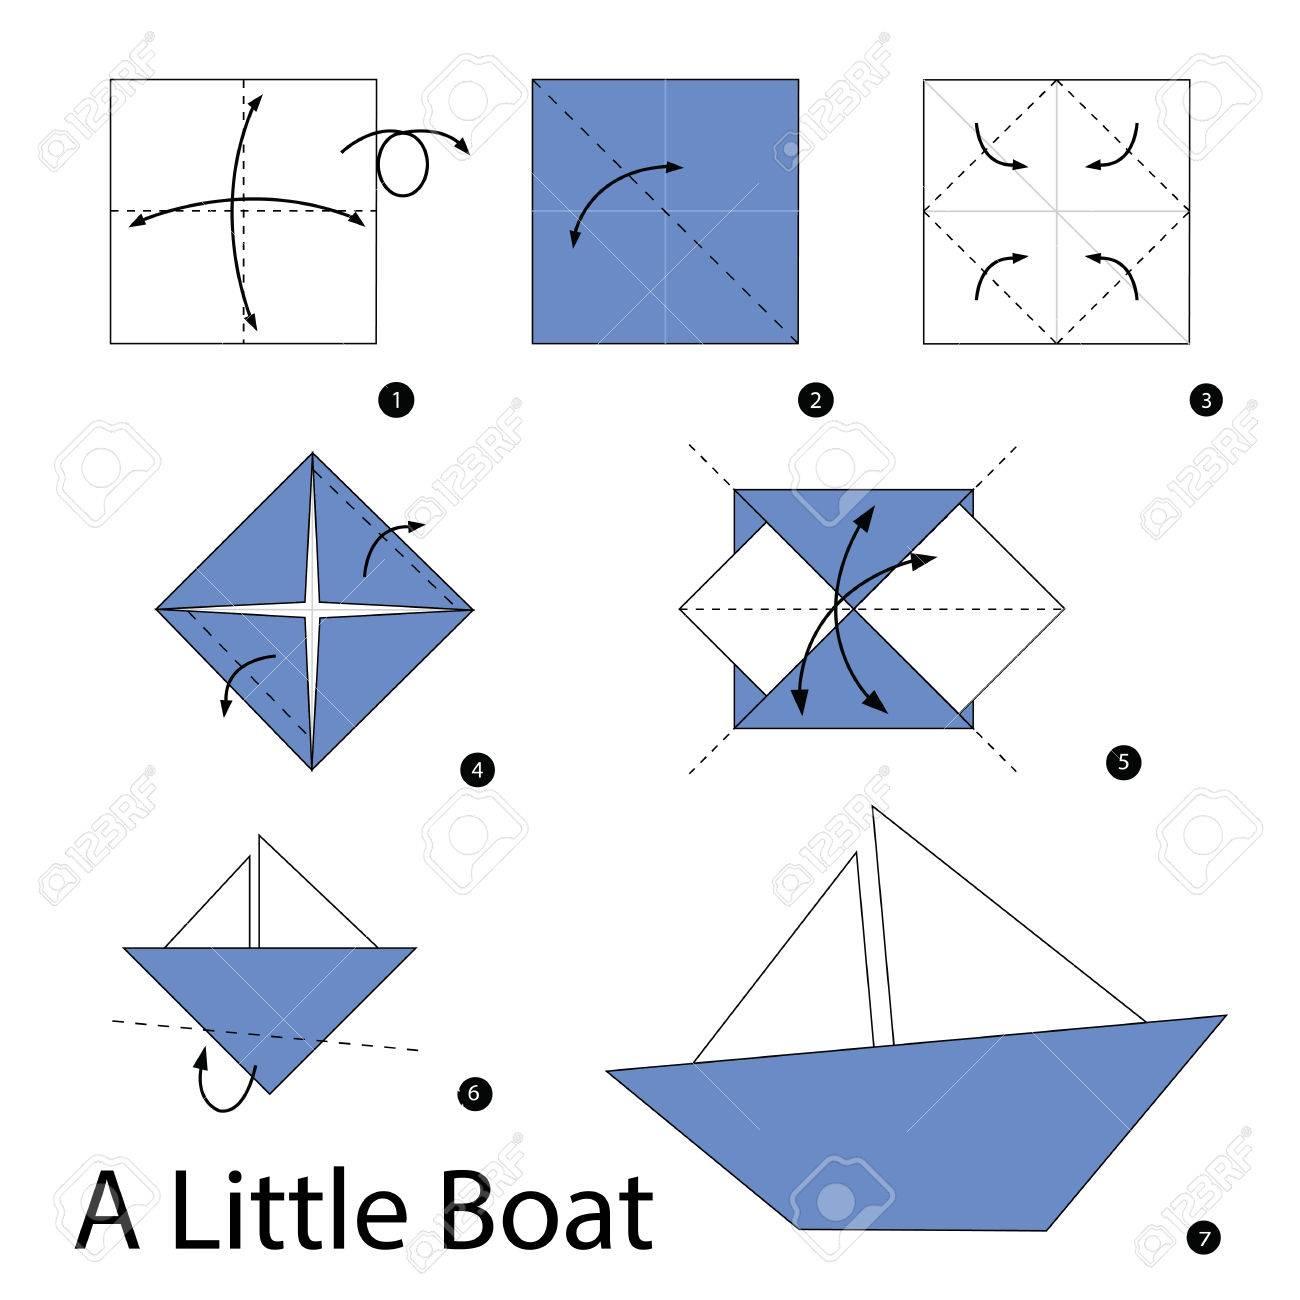 Des Instructions Etape Par Etape Comment Faire L Origami Un Bateau Clip Art Libres De Droits Vecteurs Et Illustration Image 49870997